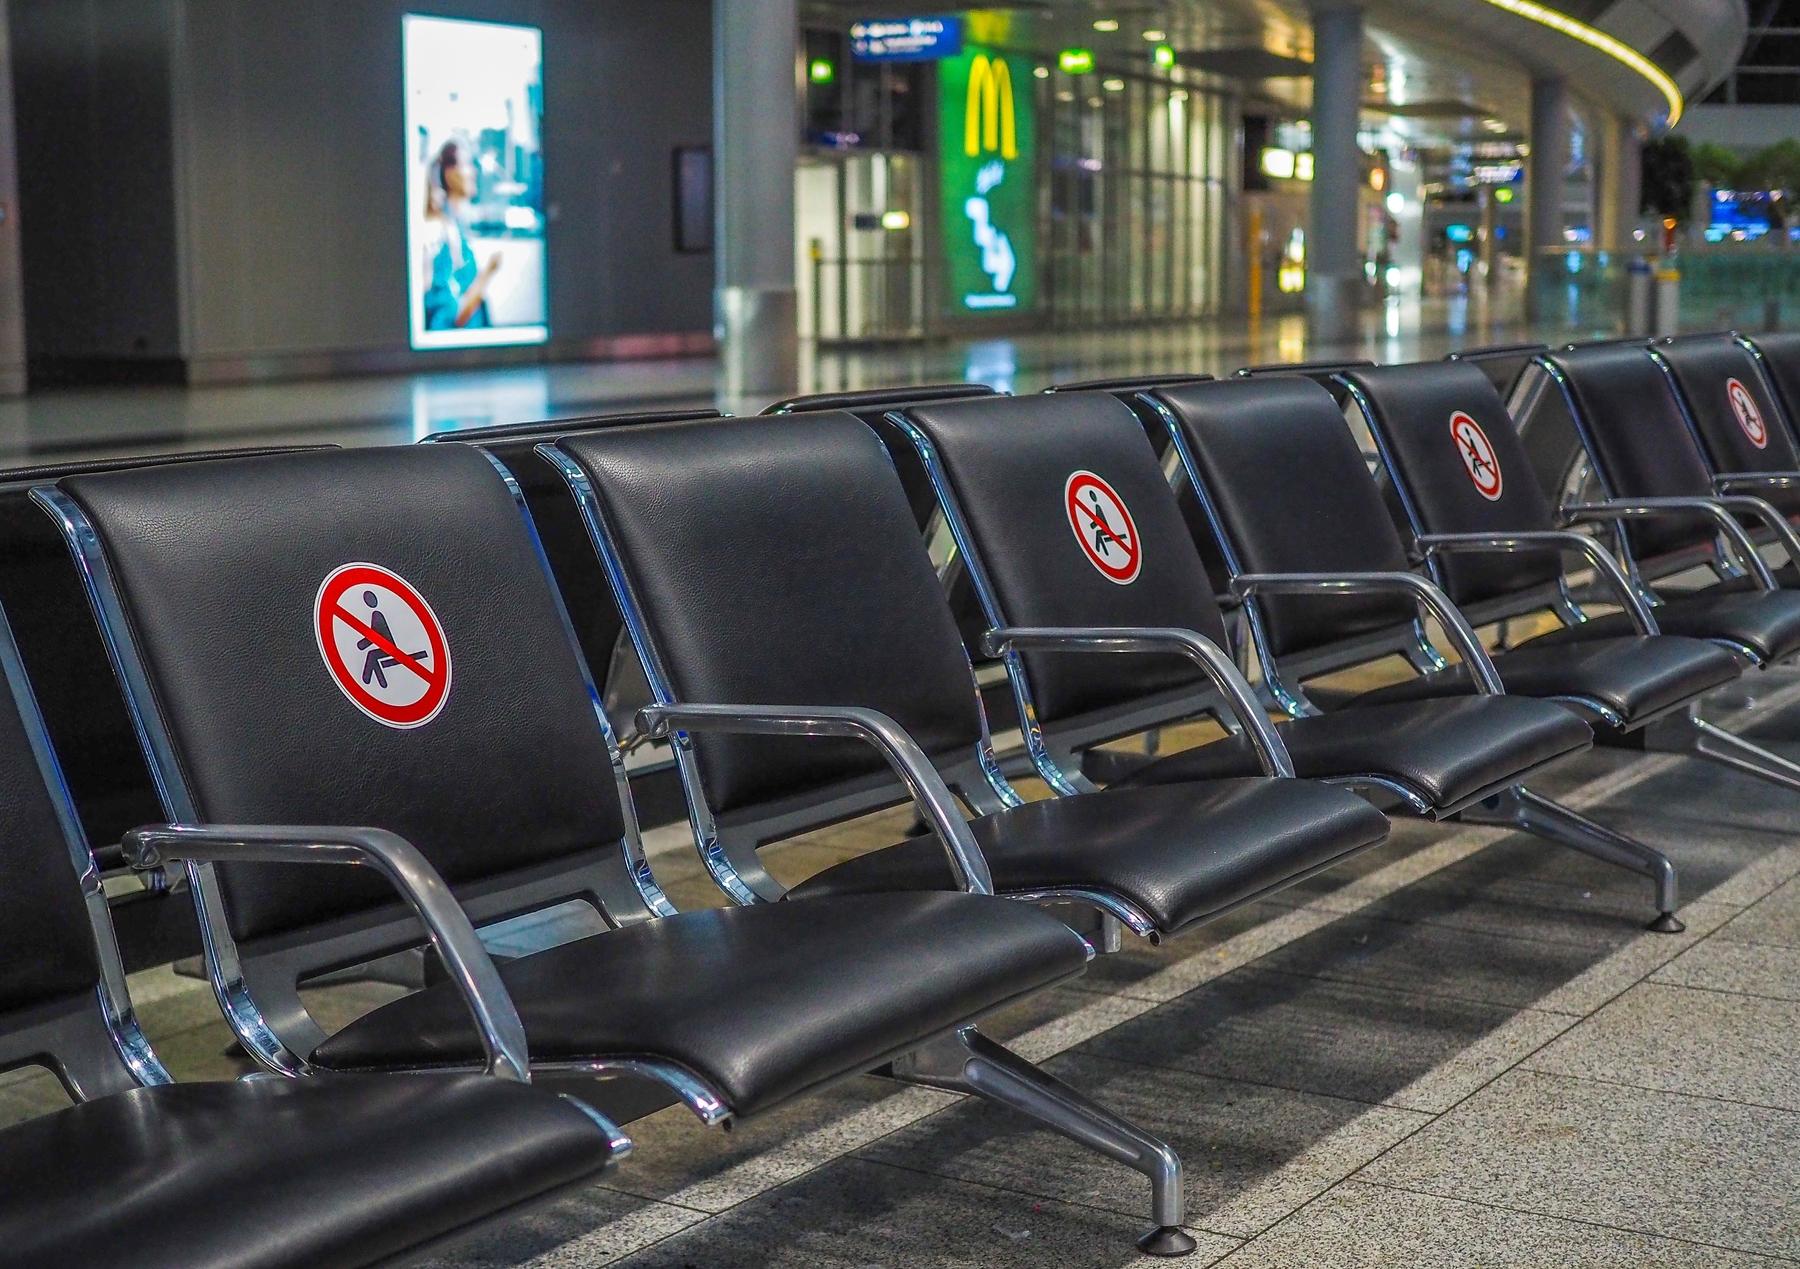 Как работают аэропорты во время пандемии коронавируса?